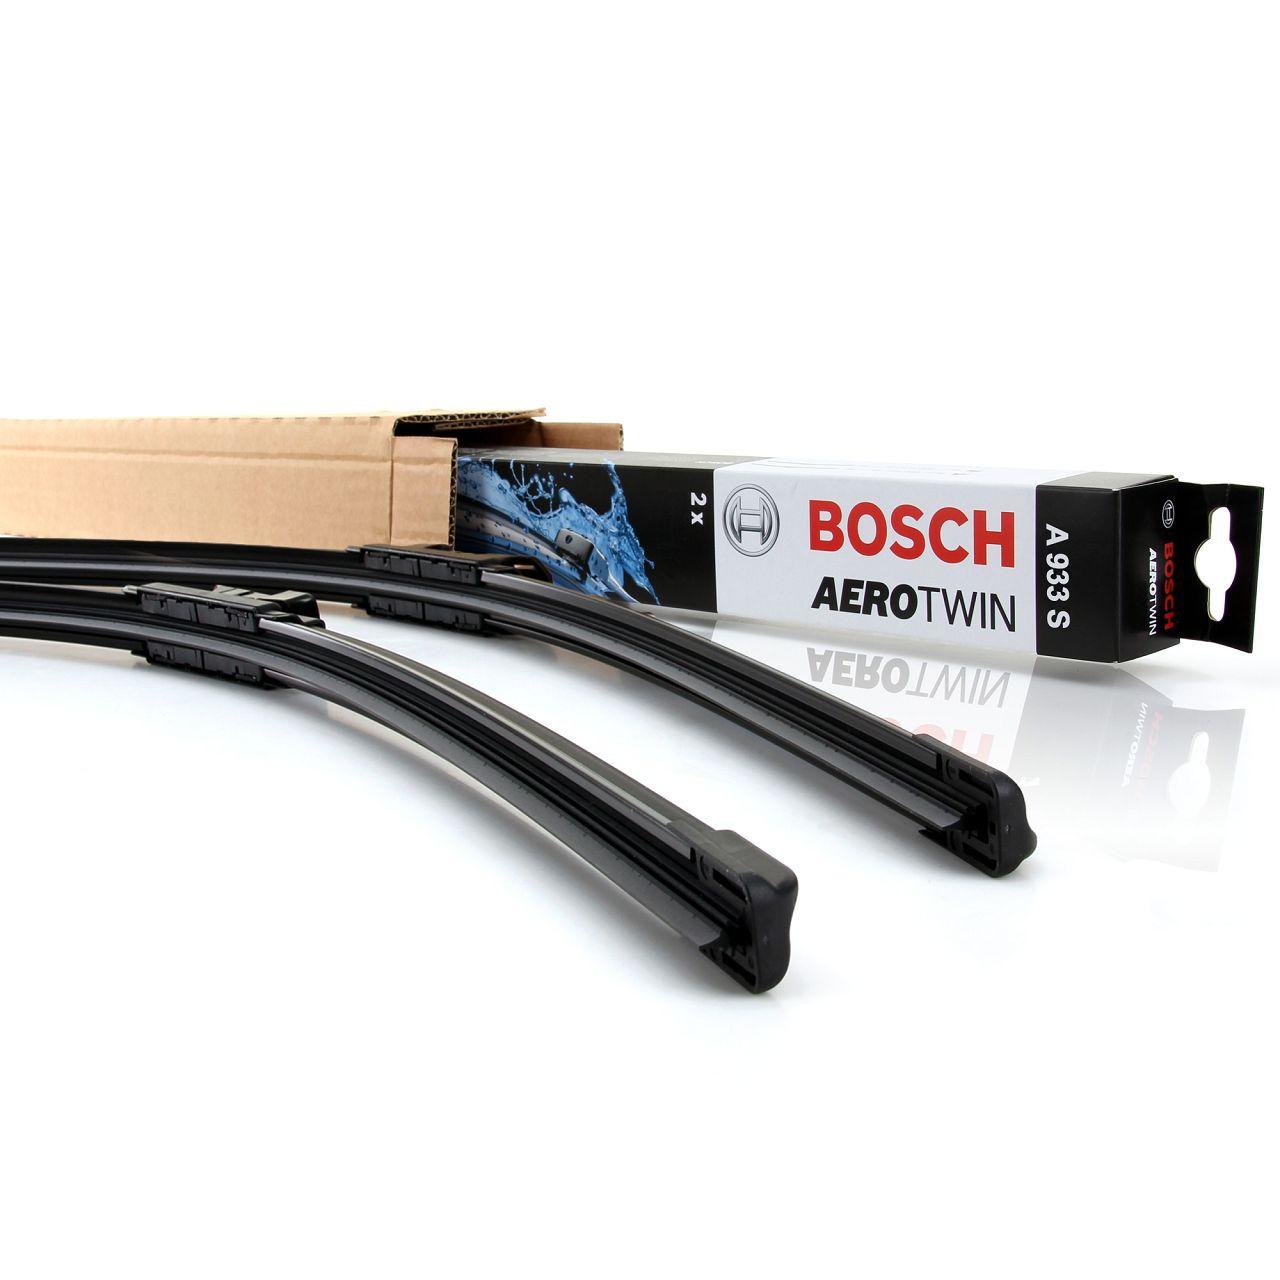 BOSCH AEROTWIN A933S Scheibenwischer VORNE für AUDI A4 B6 B7 A6 C5 MERCEDES W203